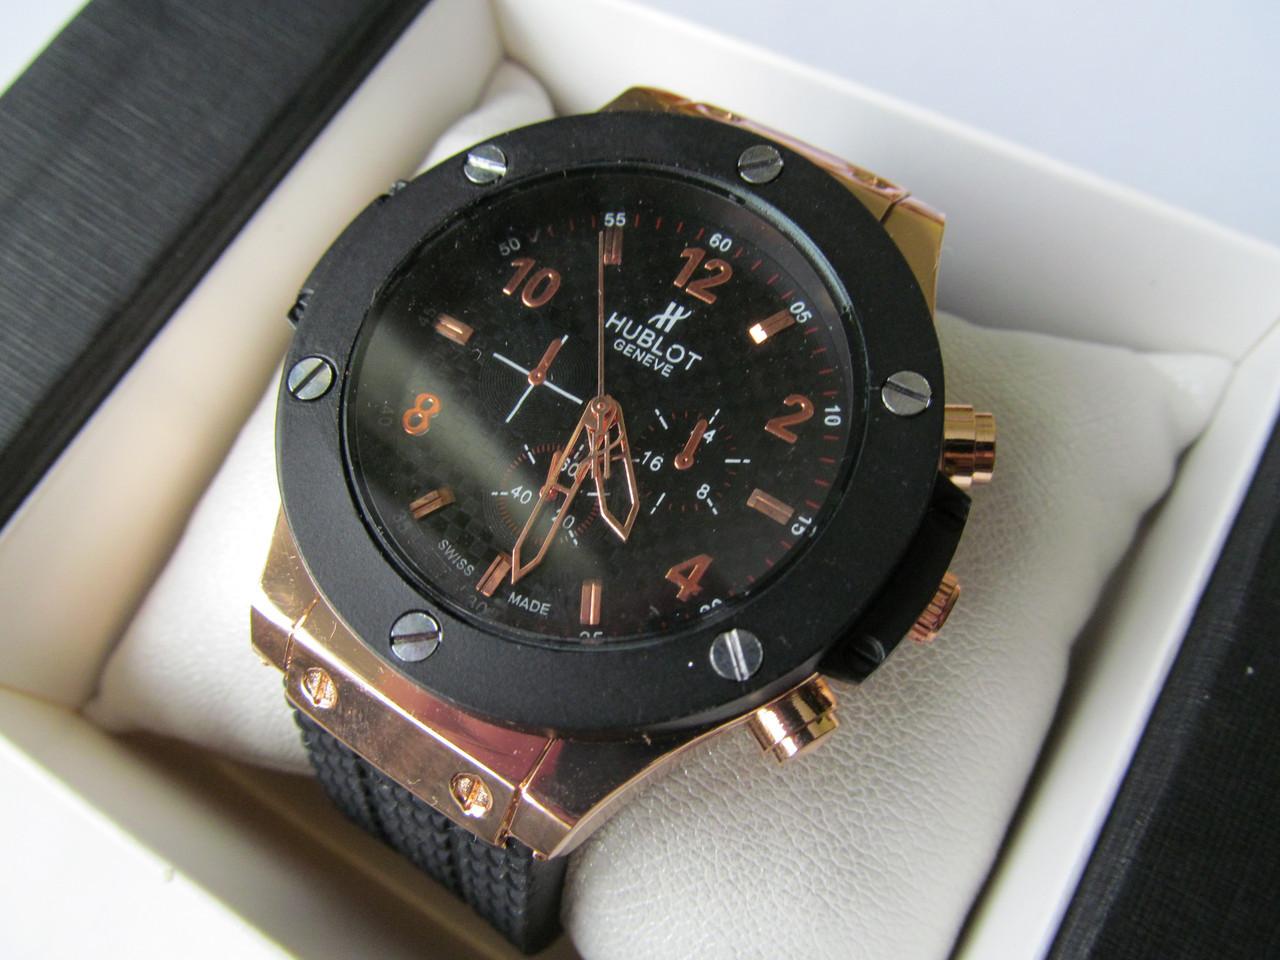 Мужские наручные часы, чёрный корпус ( код: IBW038B )